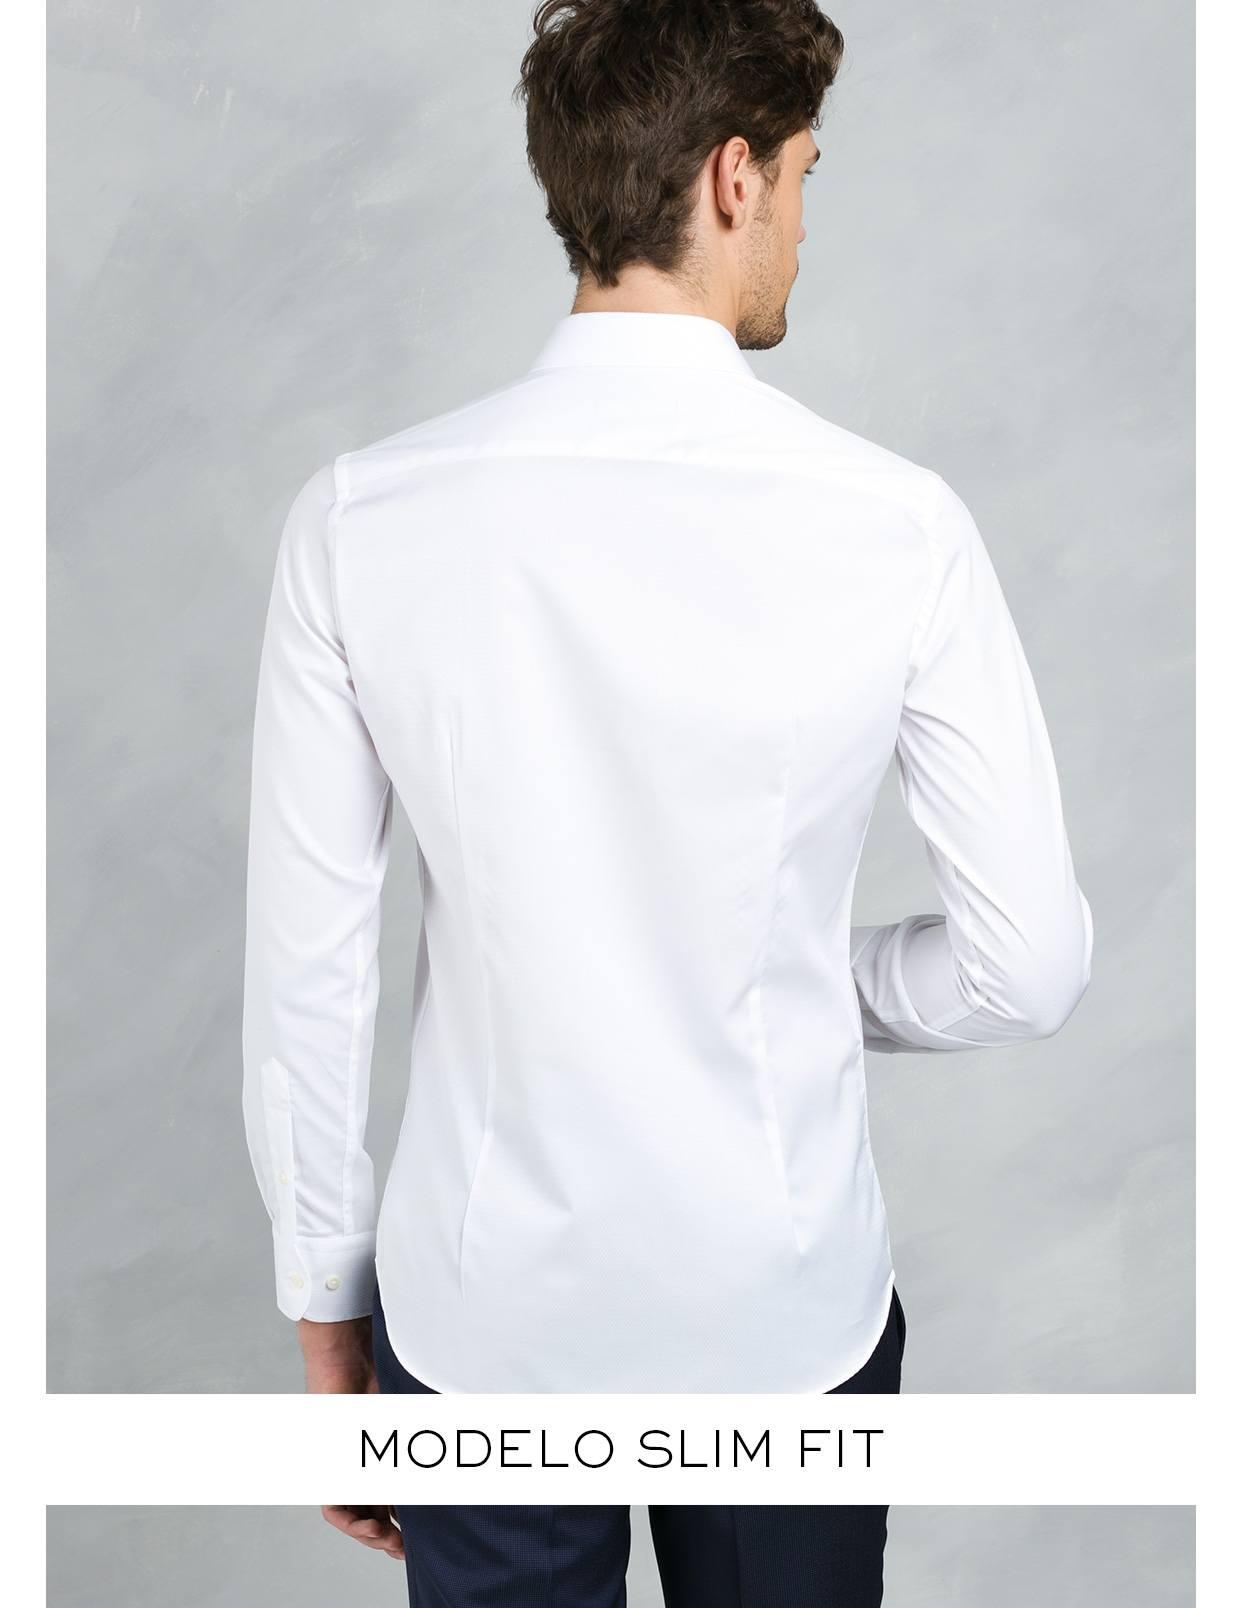 Camisa Formal Wear SLIM FIT cuello italiano modelo ROMA tejido micrograbado color blanco, 100% Algodón. - Ítem4